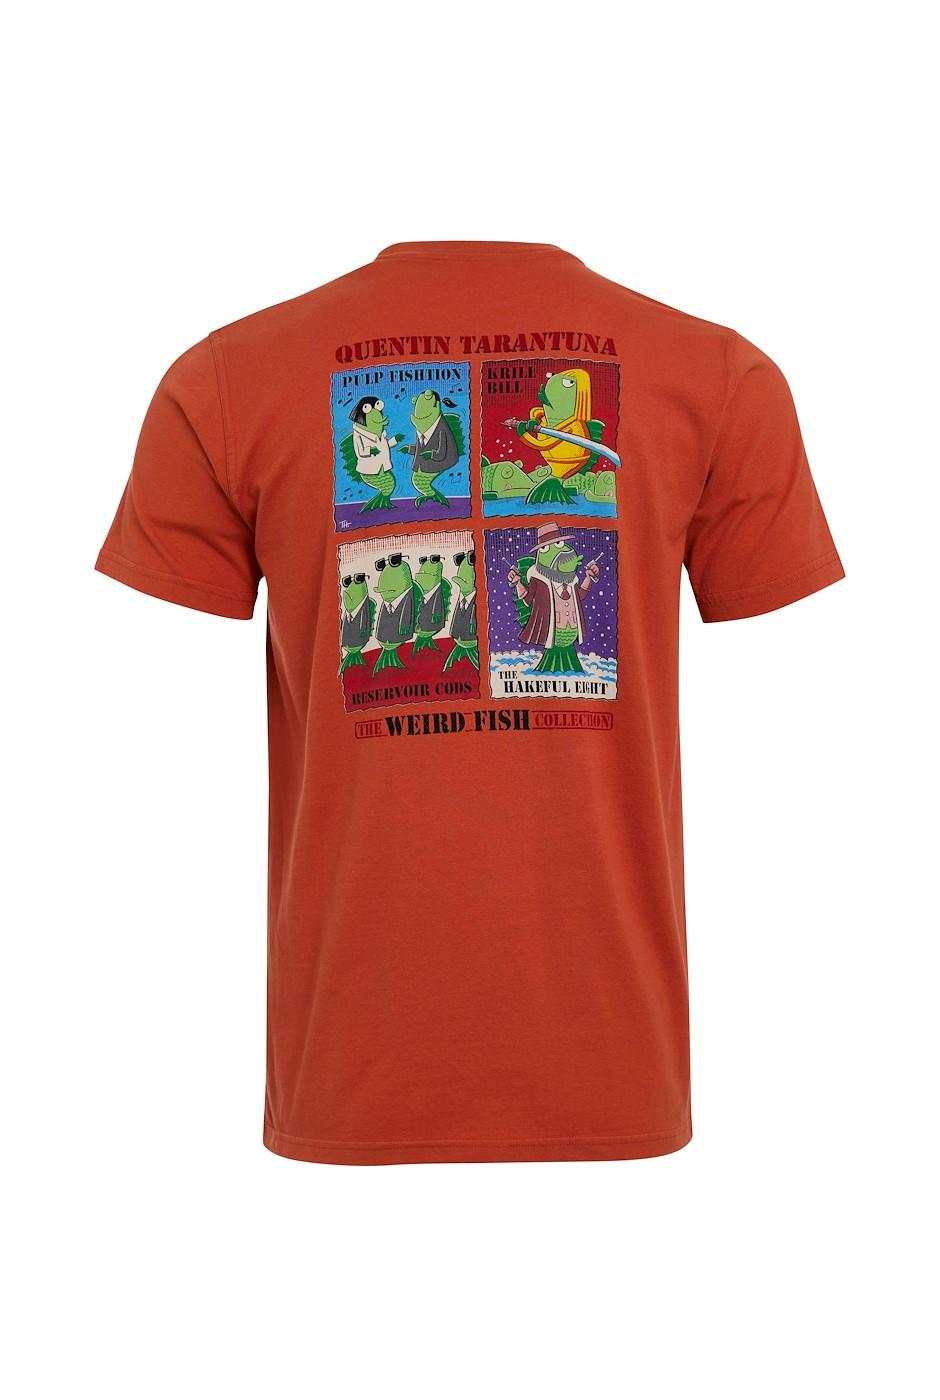 Tarentuna Tall Organic Cotton Artist T-Shirt Rust